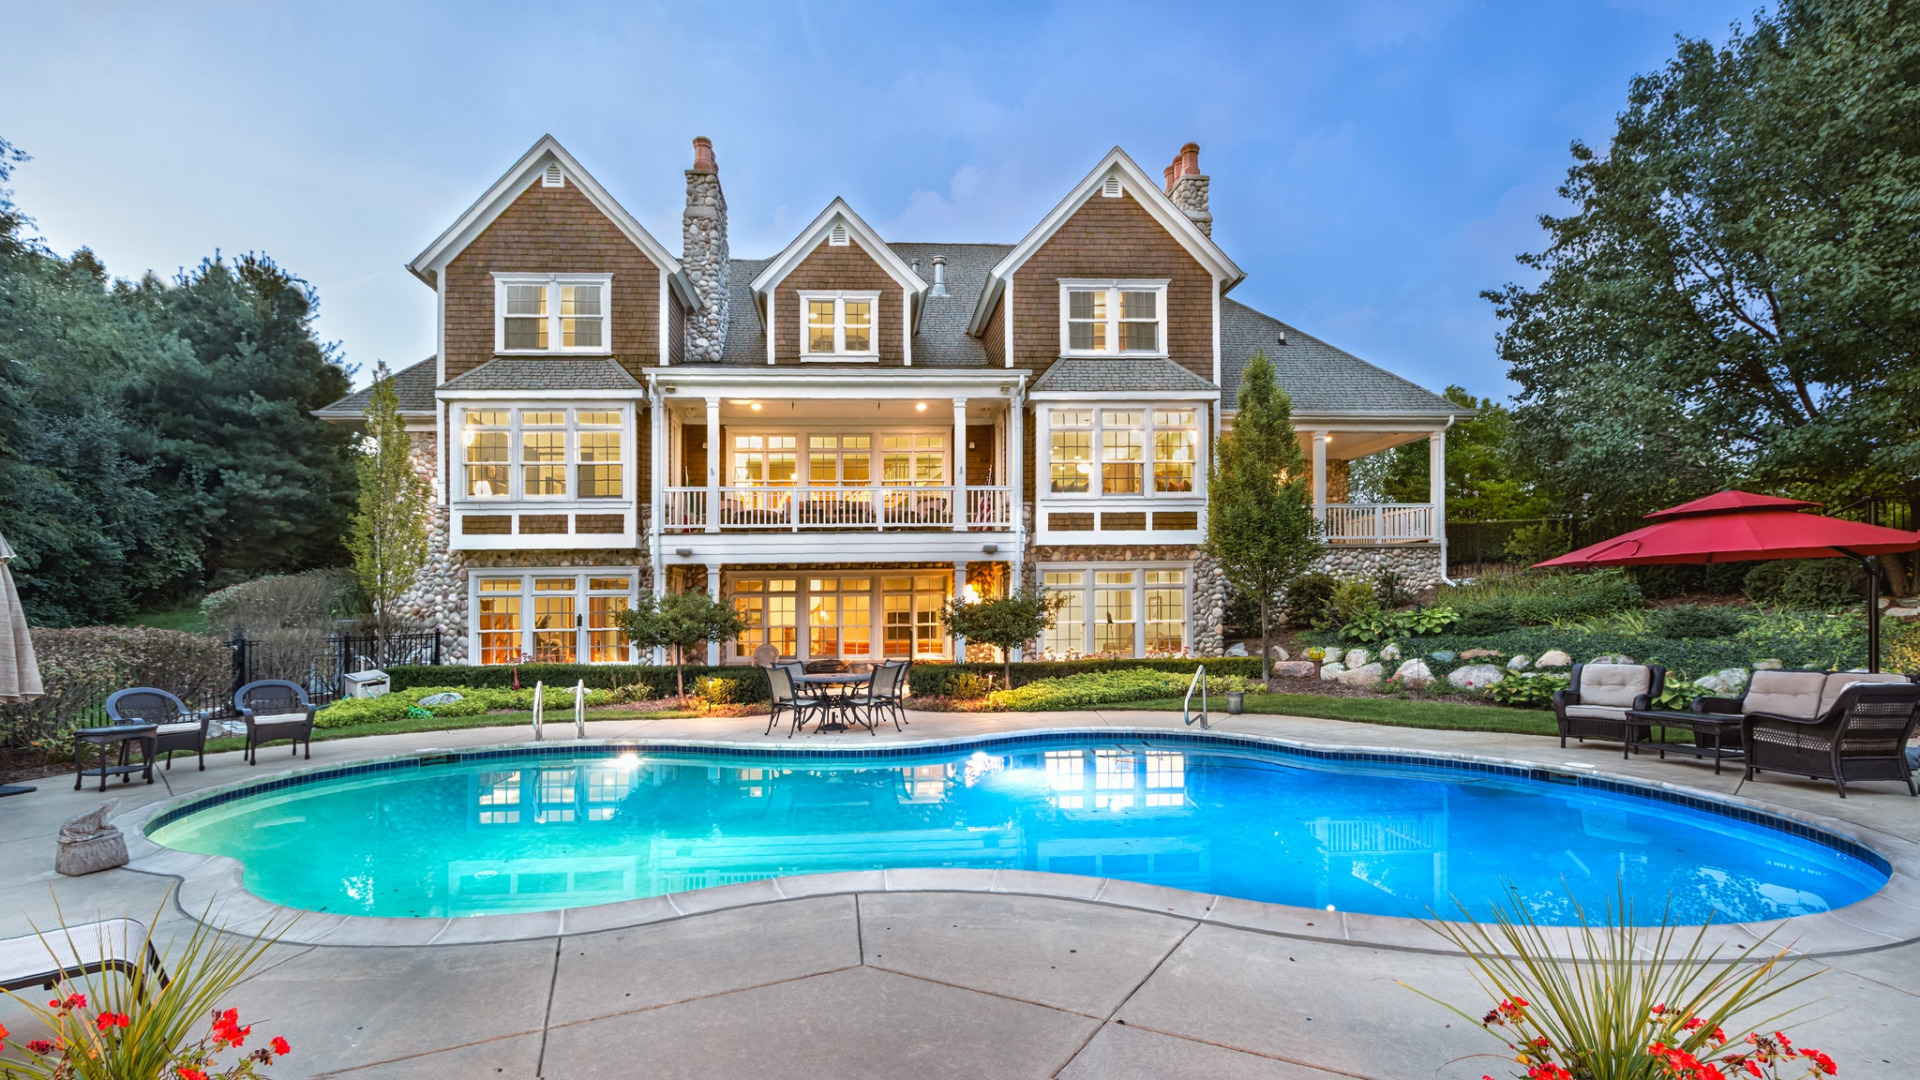 dom-osobniak-villa-bassein-arkhitektura-dizain.jpg